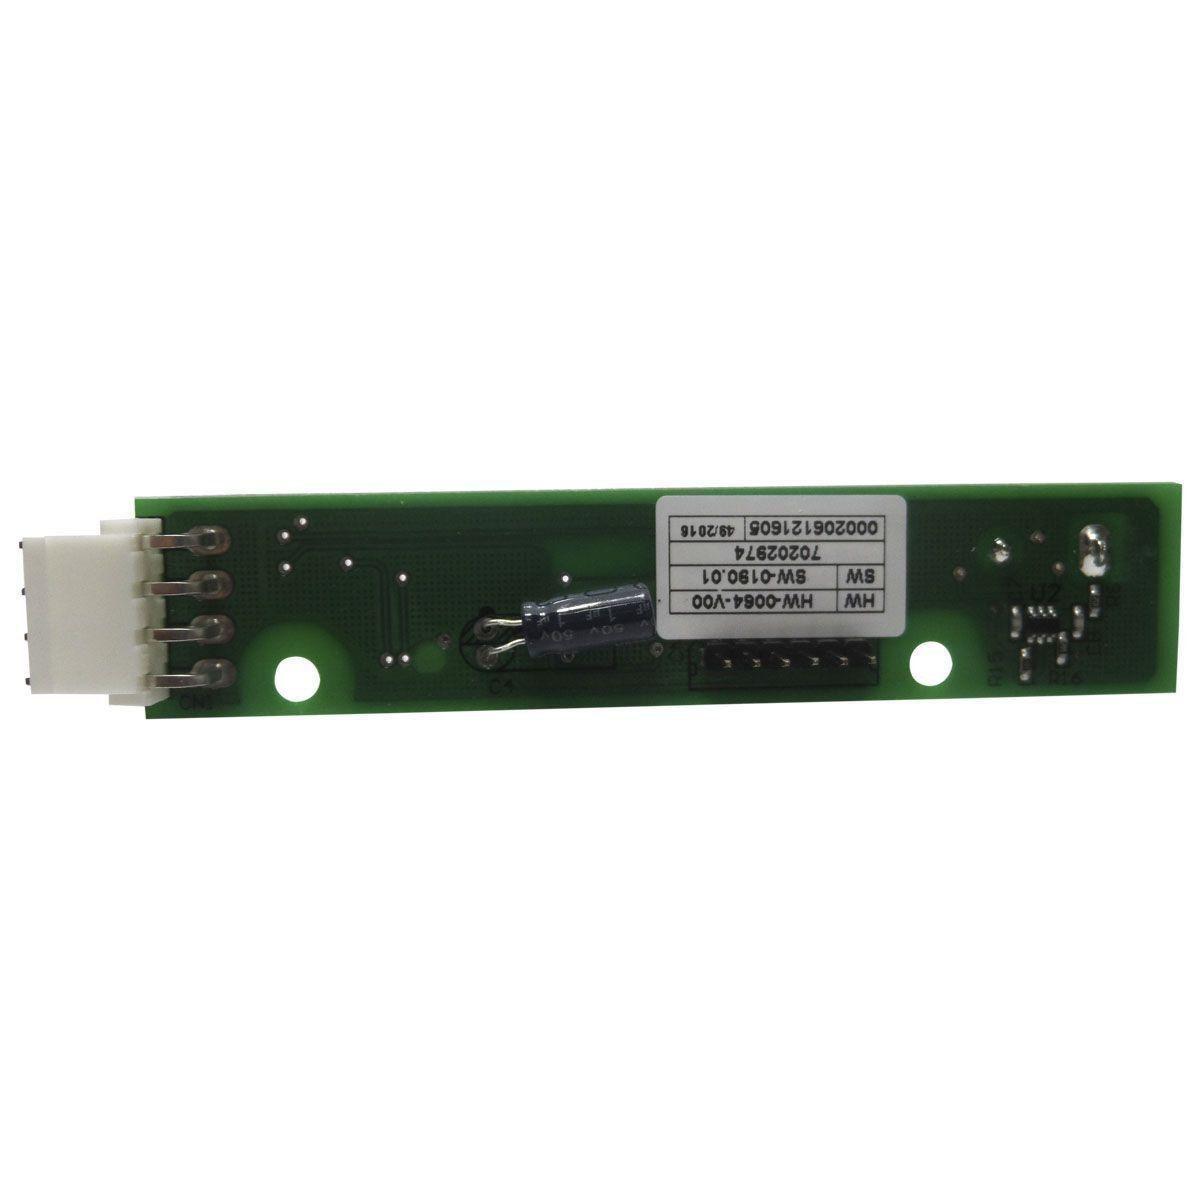 Placa Eletrônica Interface Refrigerador Electrolux 70202974